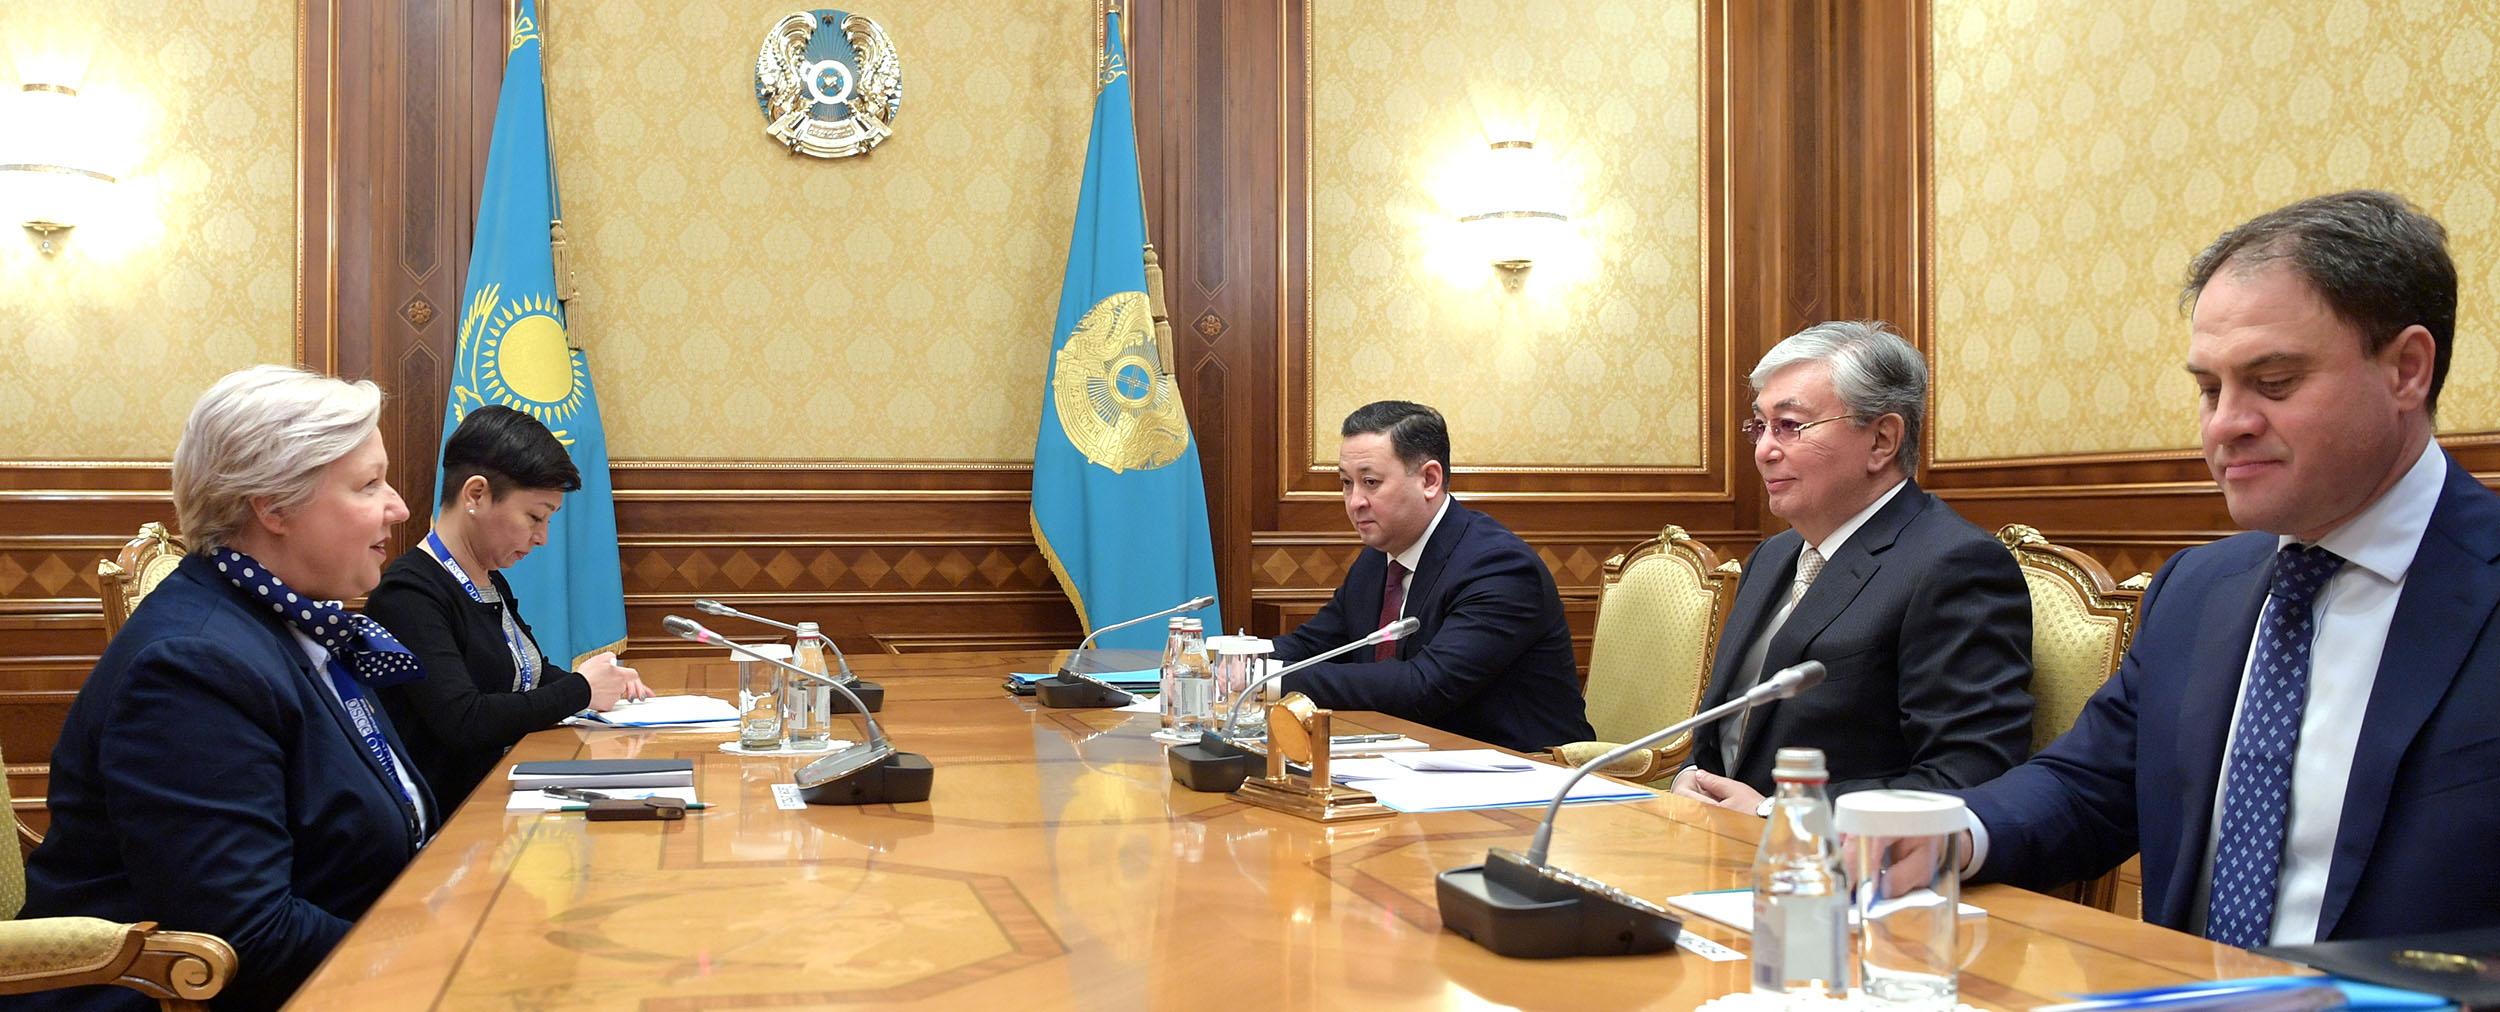 Касым-Жомарт Токаев принял главу миссии наблюдателей БДИПЧ ОБСЕ Уршулу Гацек